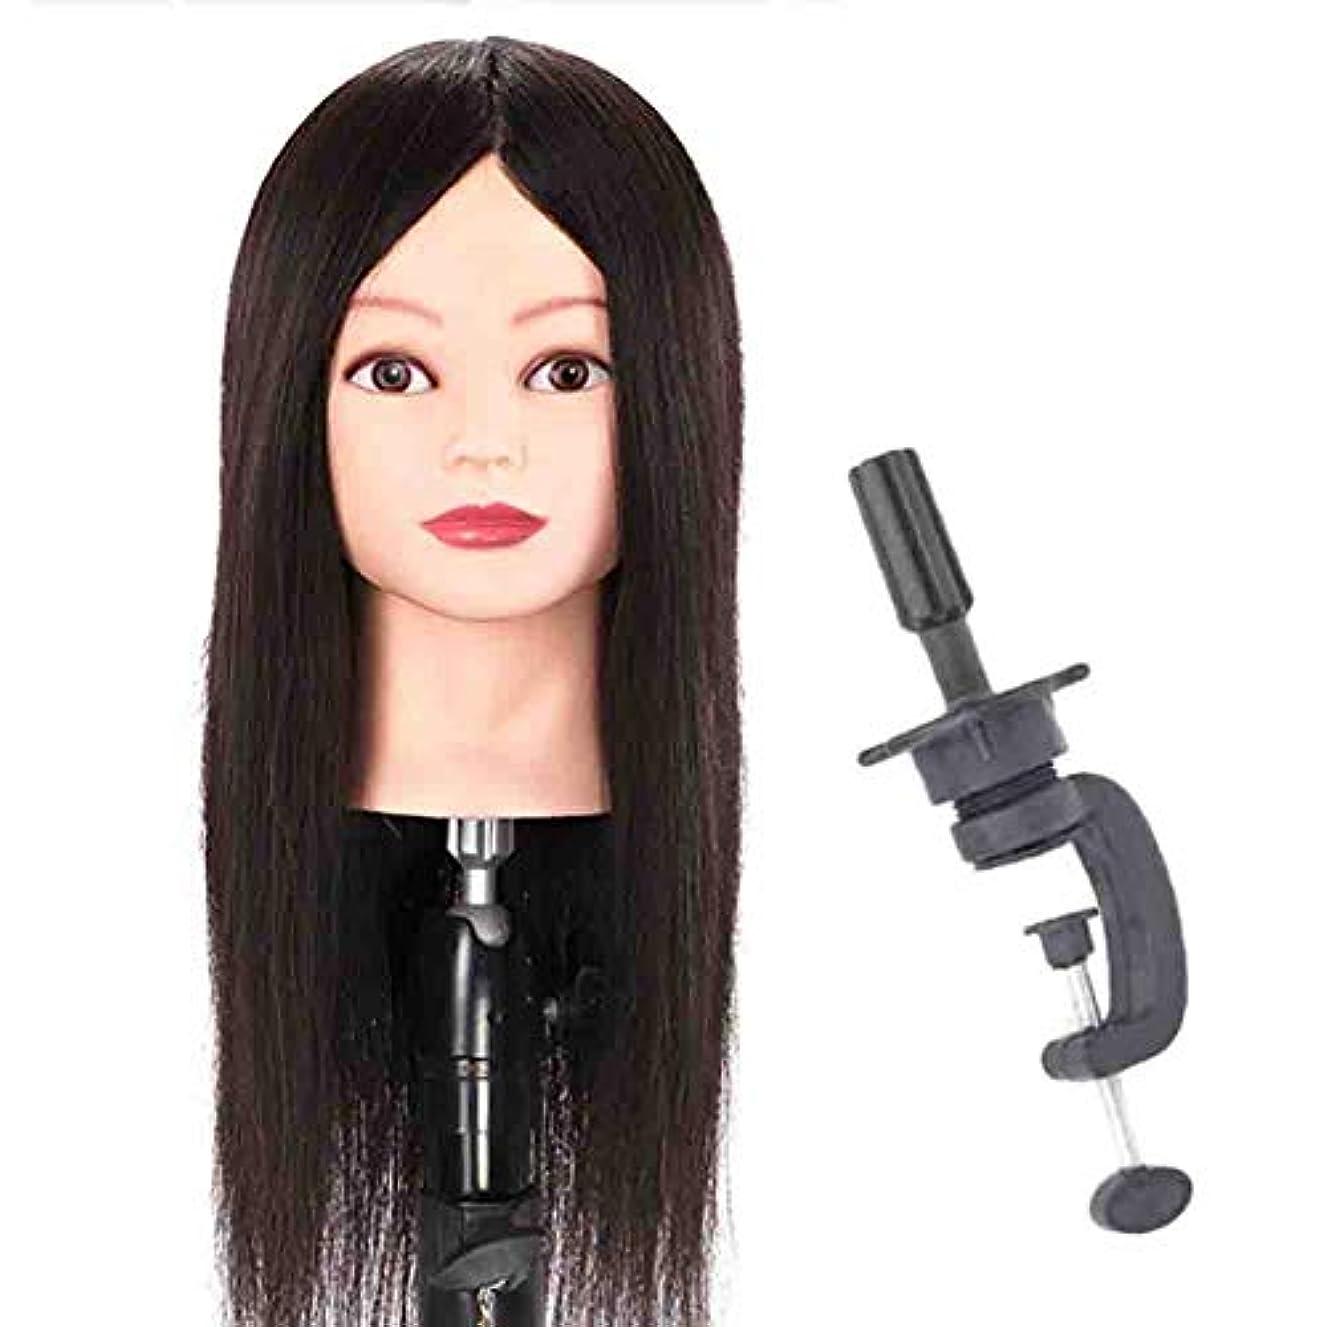 呼び出すトーンお酢リアルヘアヘアメイクヘッドモールドヘアサロン練習ホット染色トリミングダミーモデルティーチングヘッド